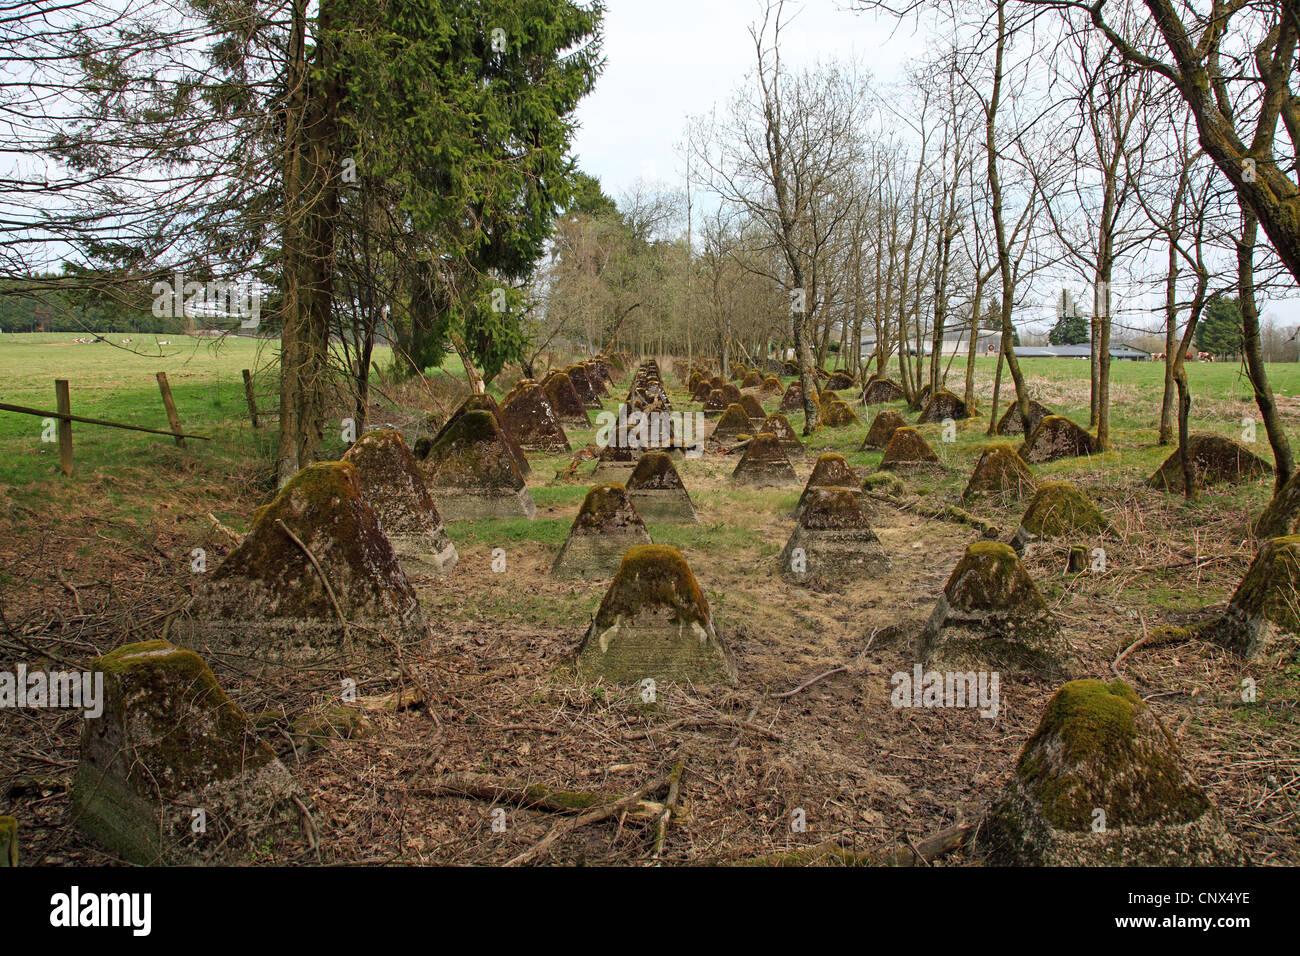 Anti-serbatoio ostacoli vicino Hollerath appartenenti al Westwall costruito nel Terzo Reich, Germania, Eifel, Hollerath Foto Stock